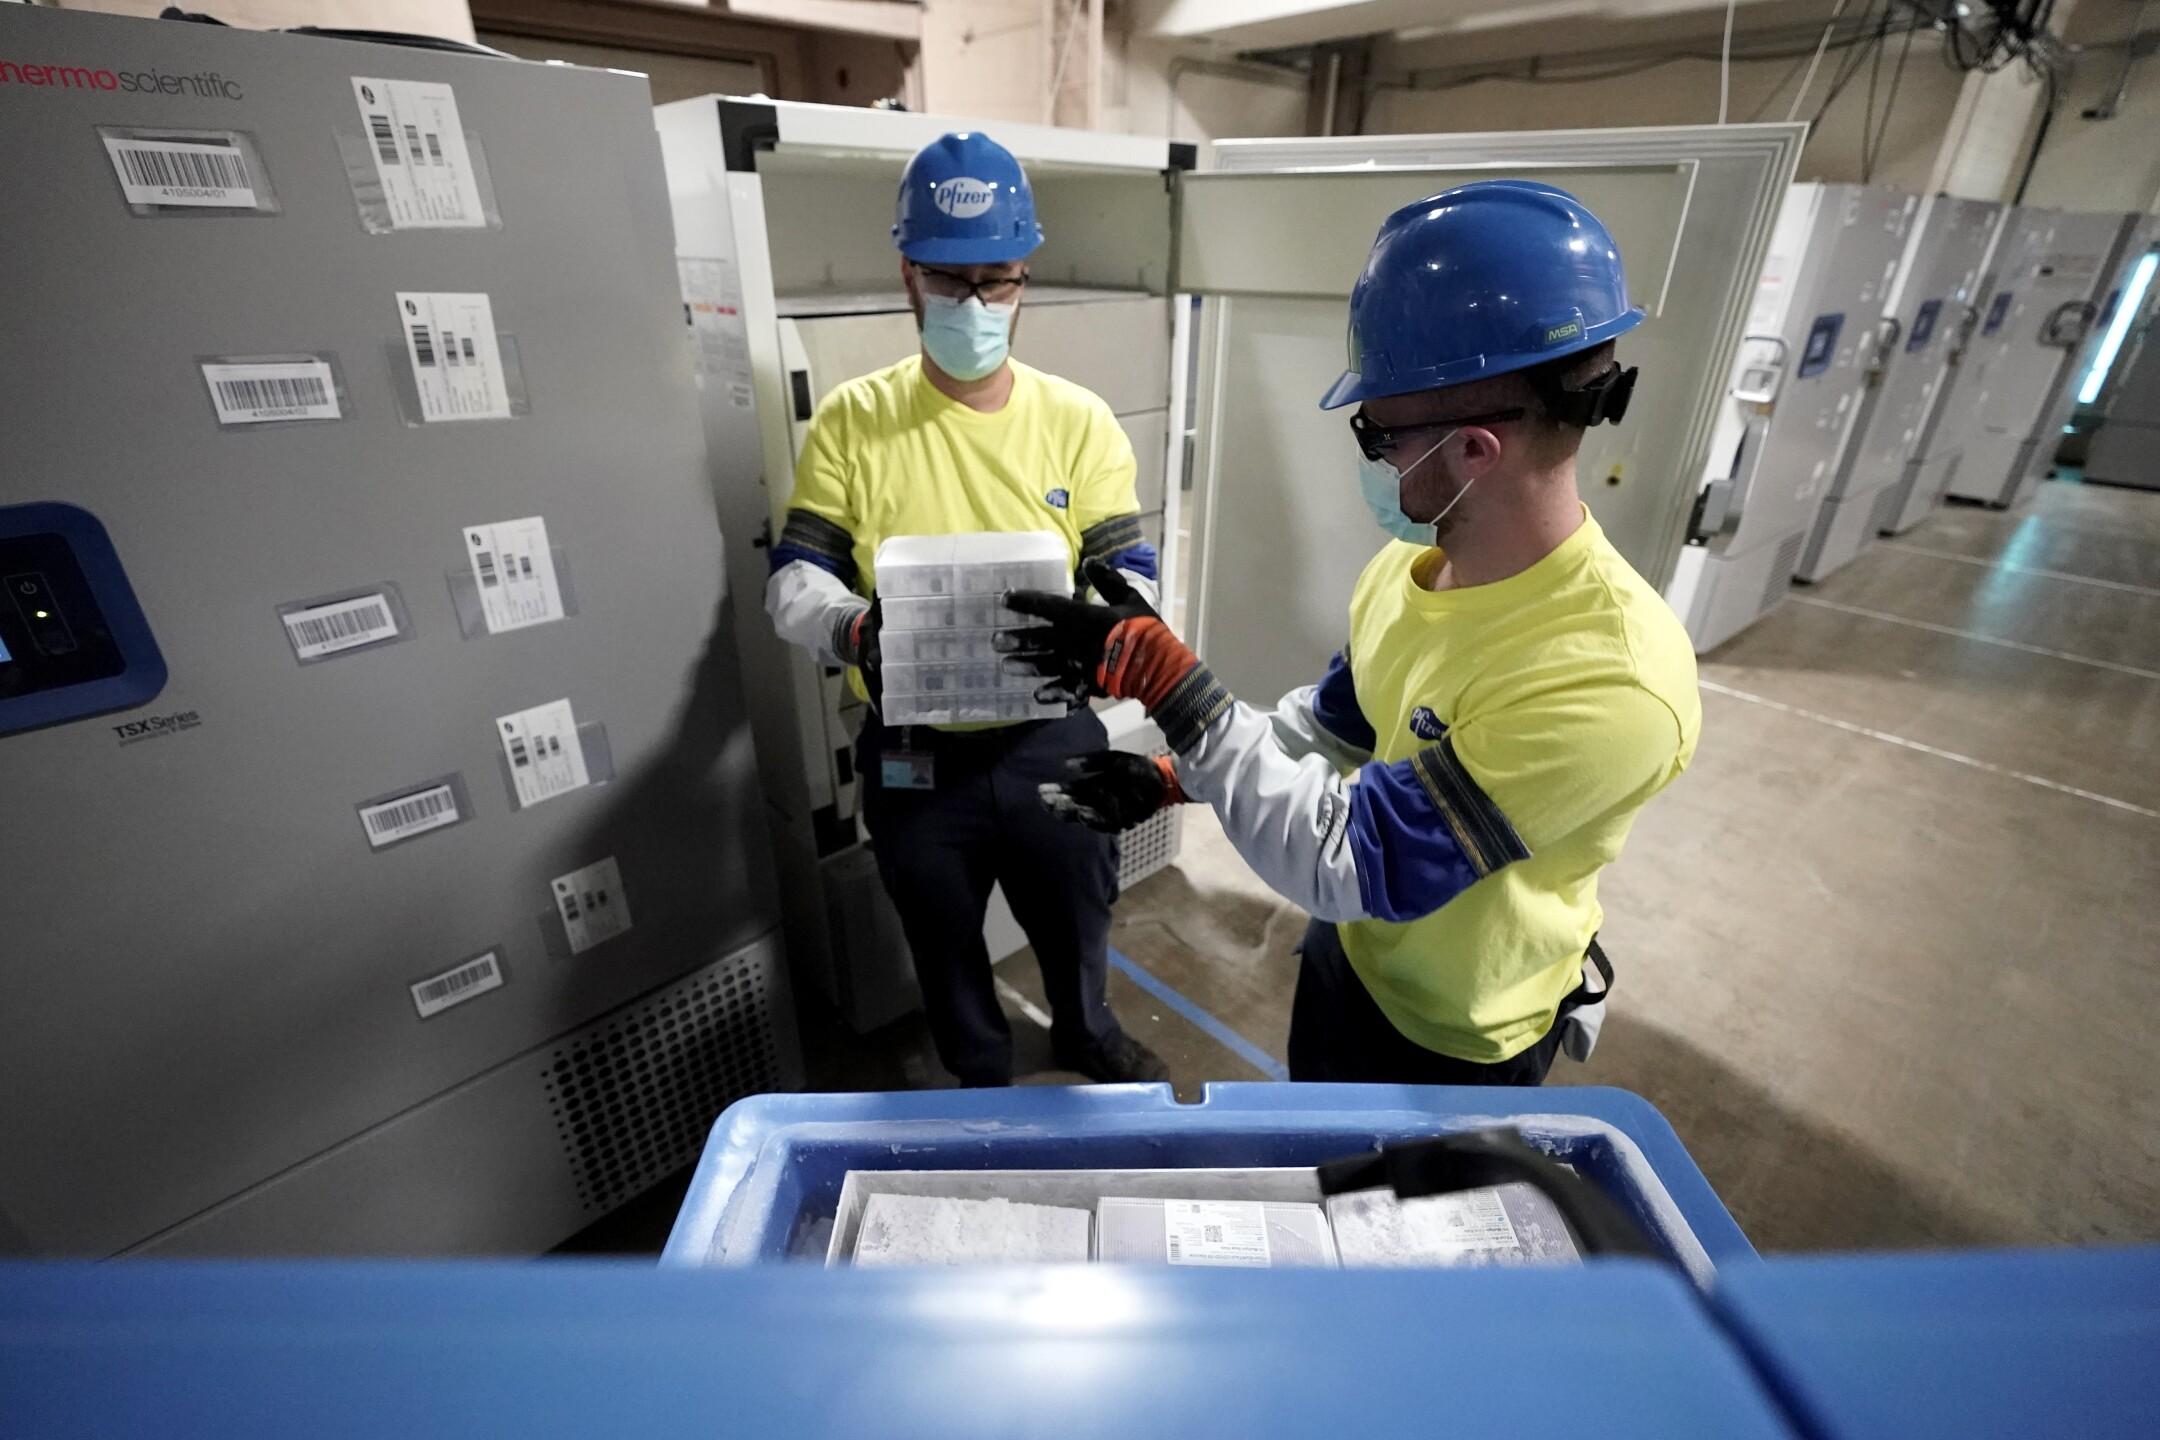 Pfizer COVID-19 vaccine Michigan plant ready to go